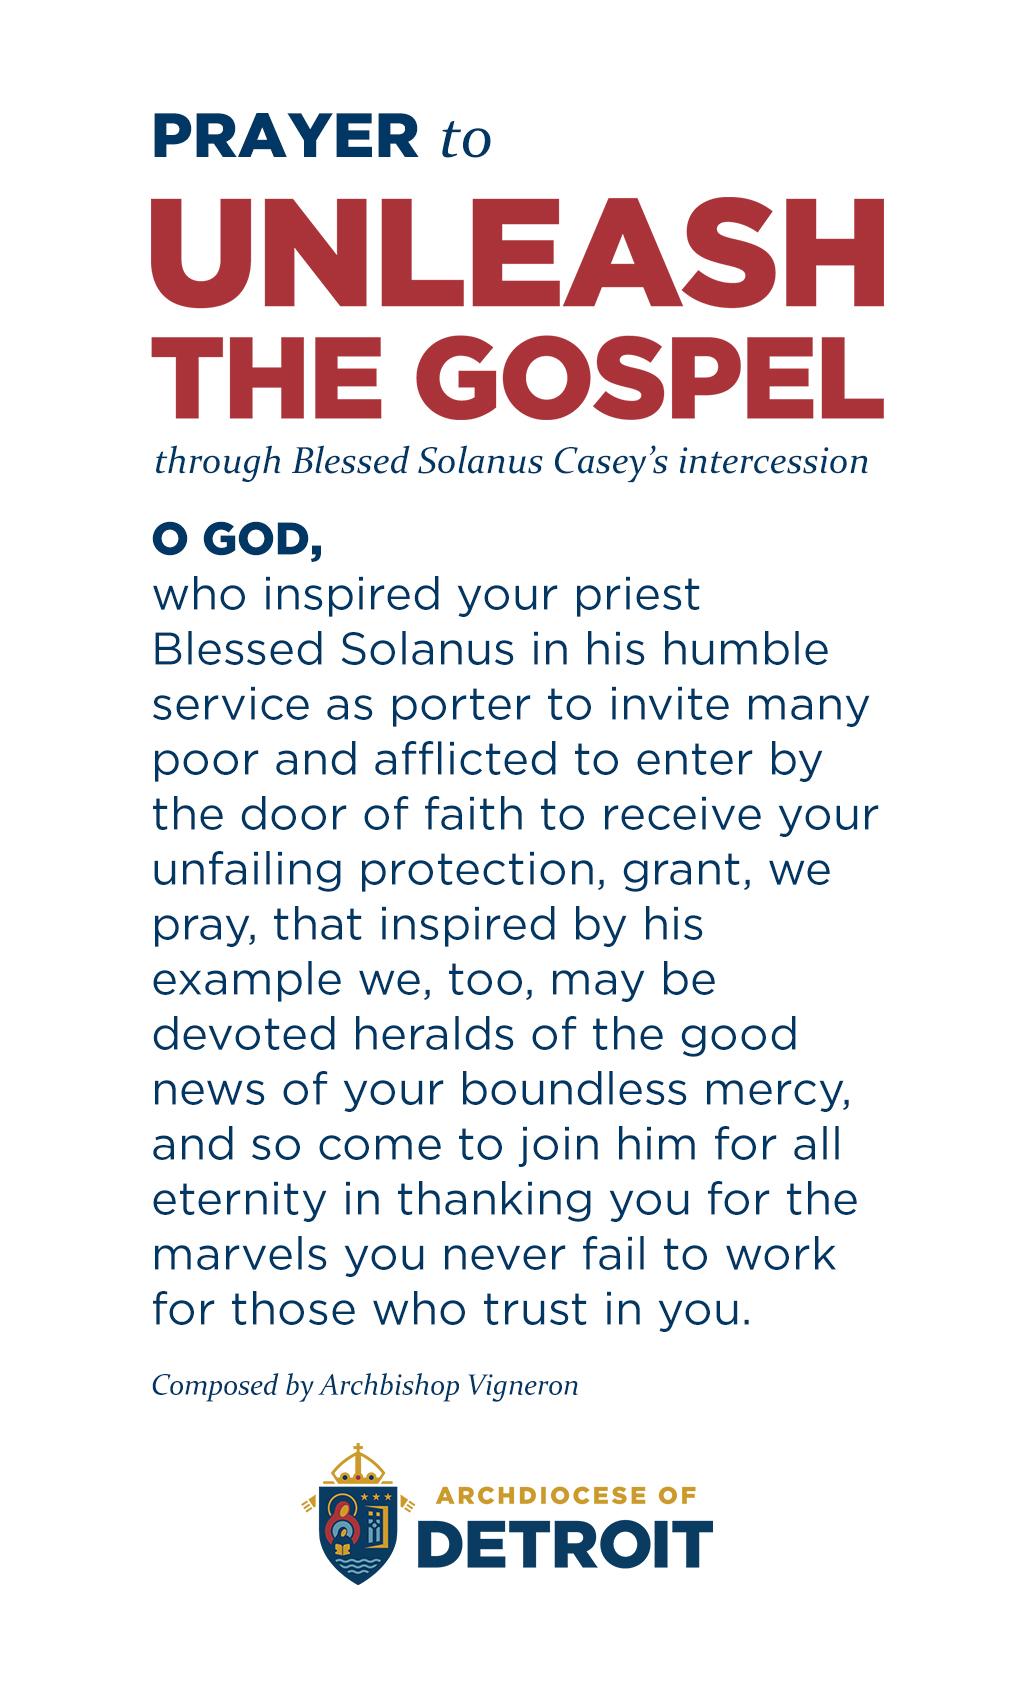 Prayer to Unleash the Gospel through the intercession of Solanus Casey